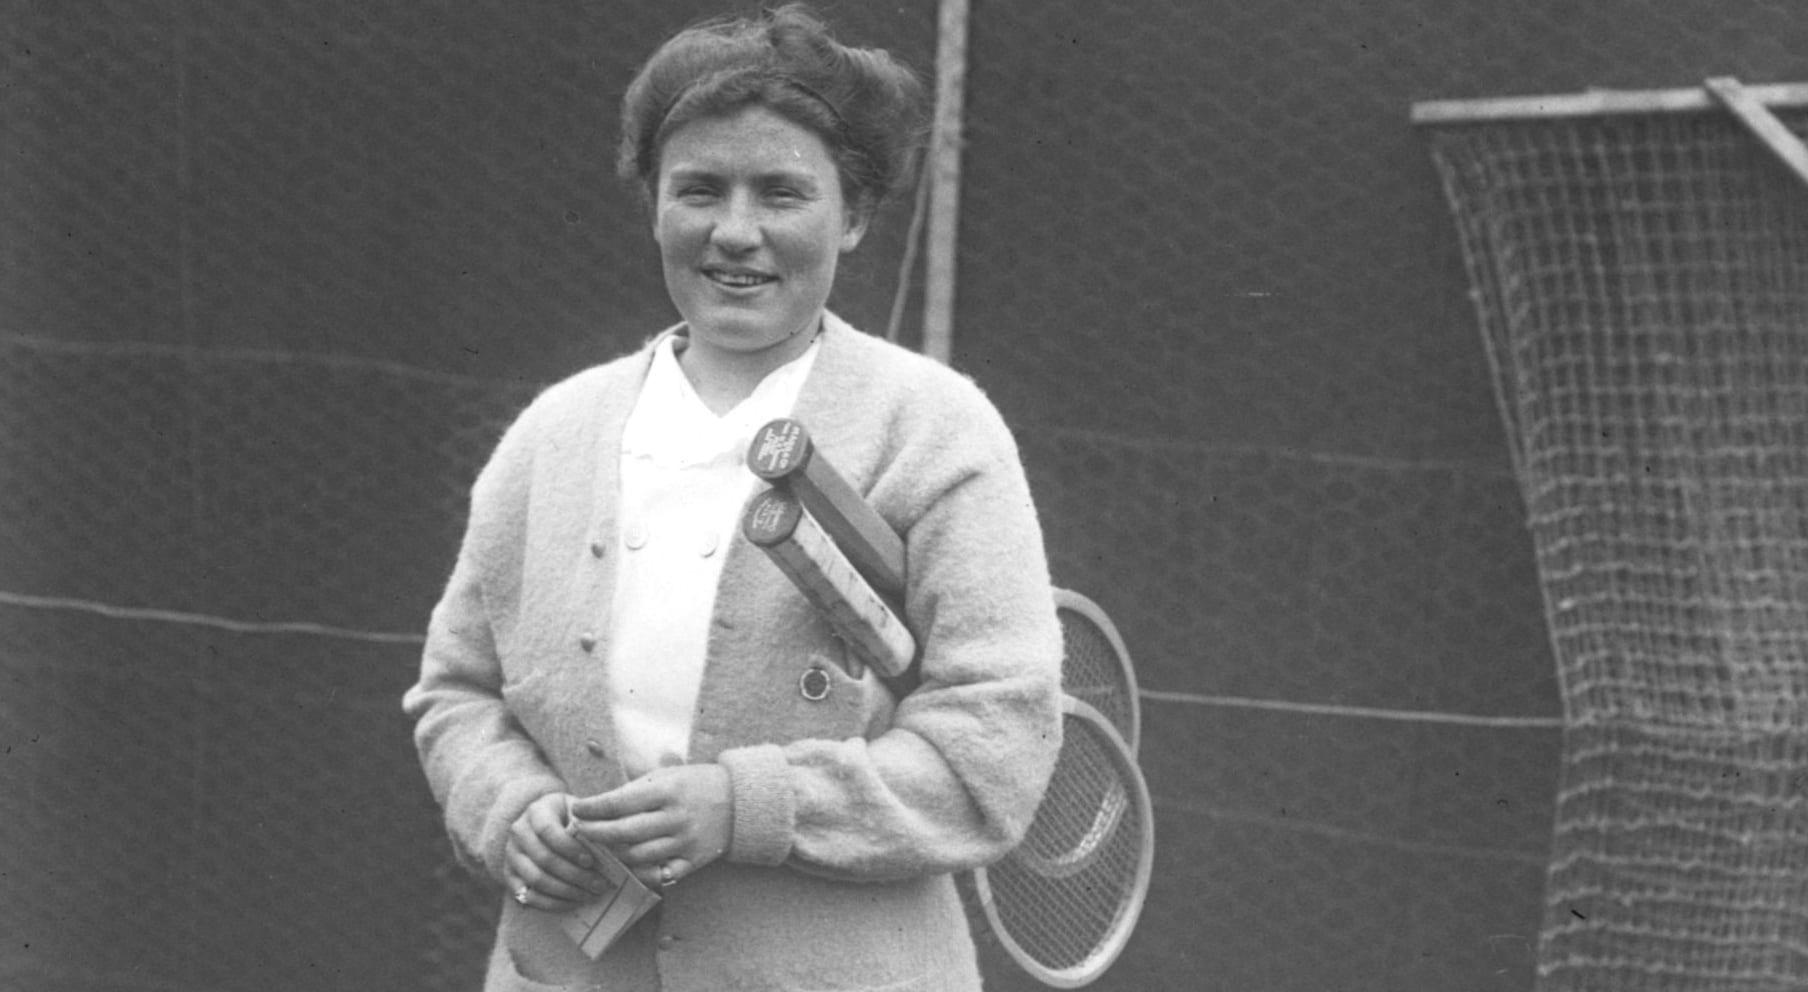 Elizabeth Ryan, sa Majesté de Wimbledon